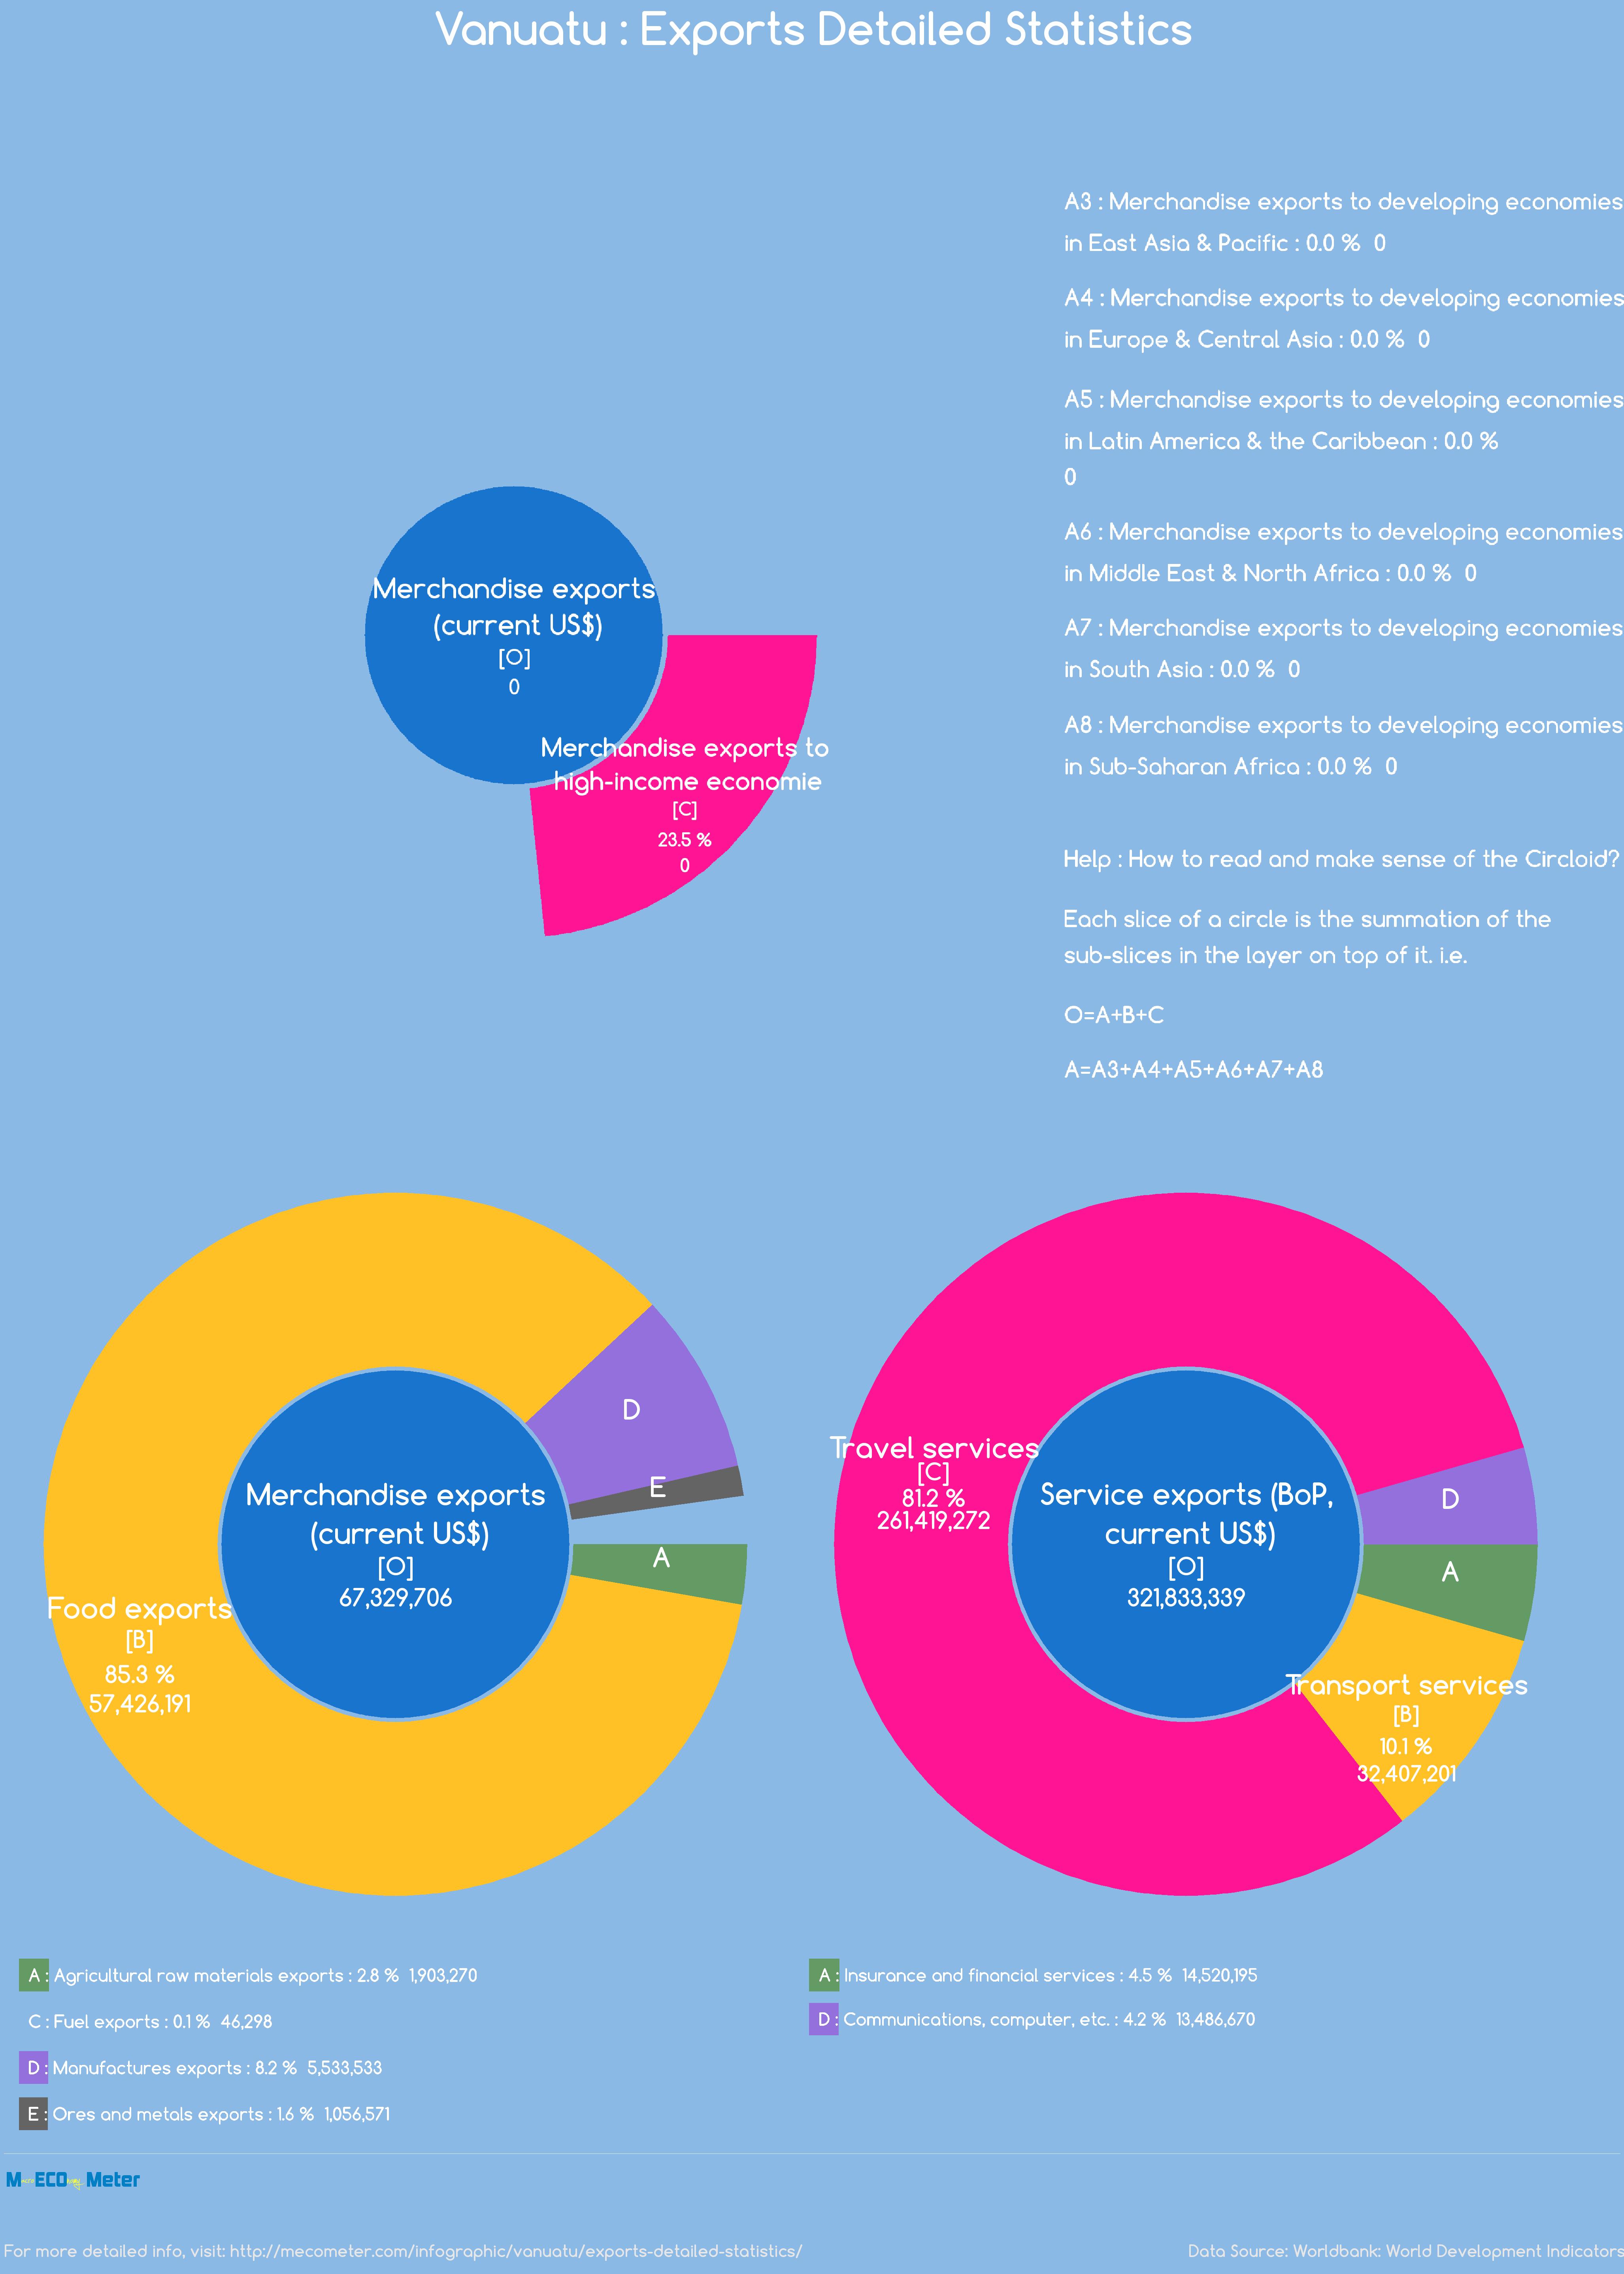 Vanuatu : Exports Detailed Statistics